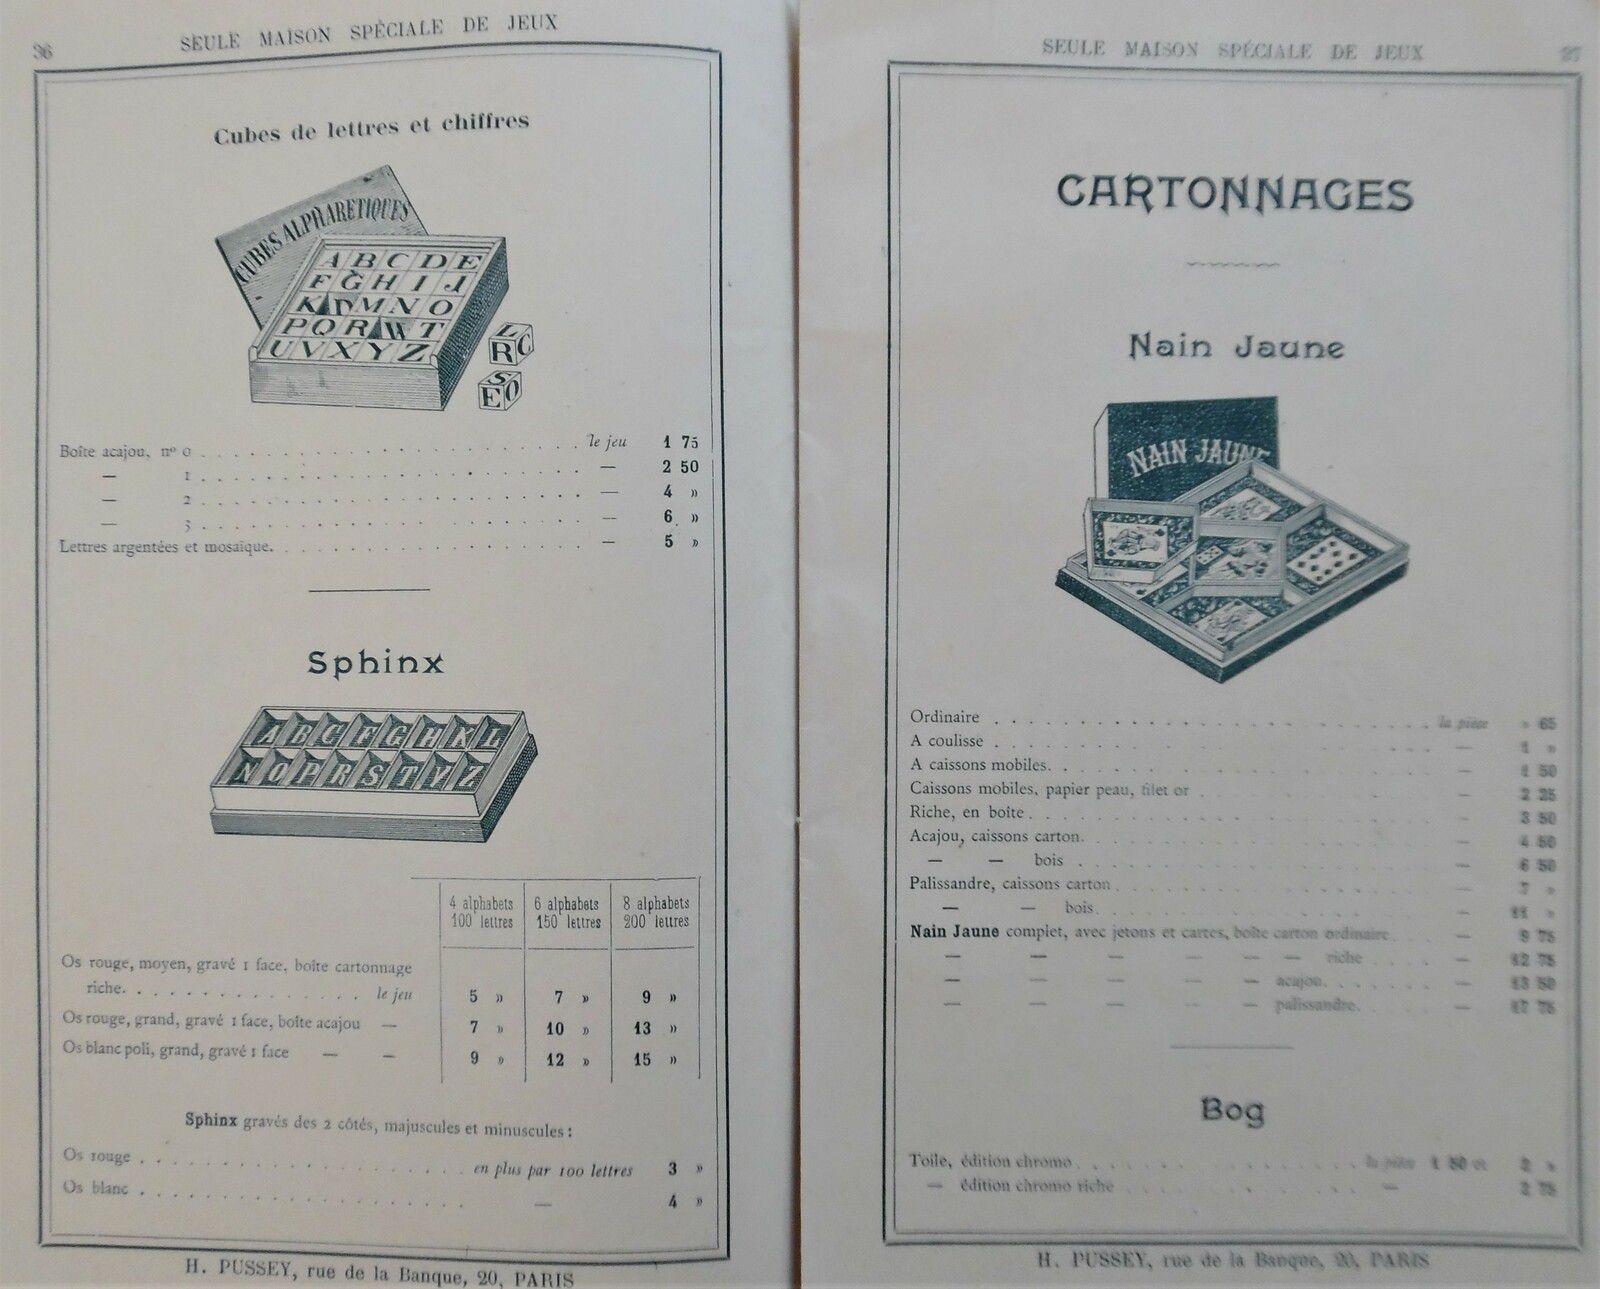 jeux PUSSEY ( catalogue de la maison de)